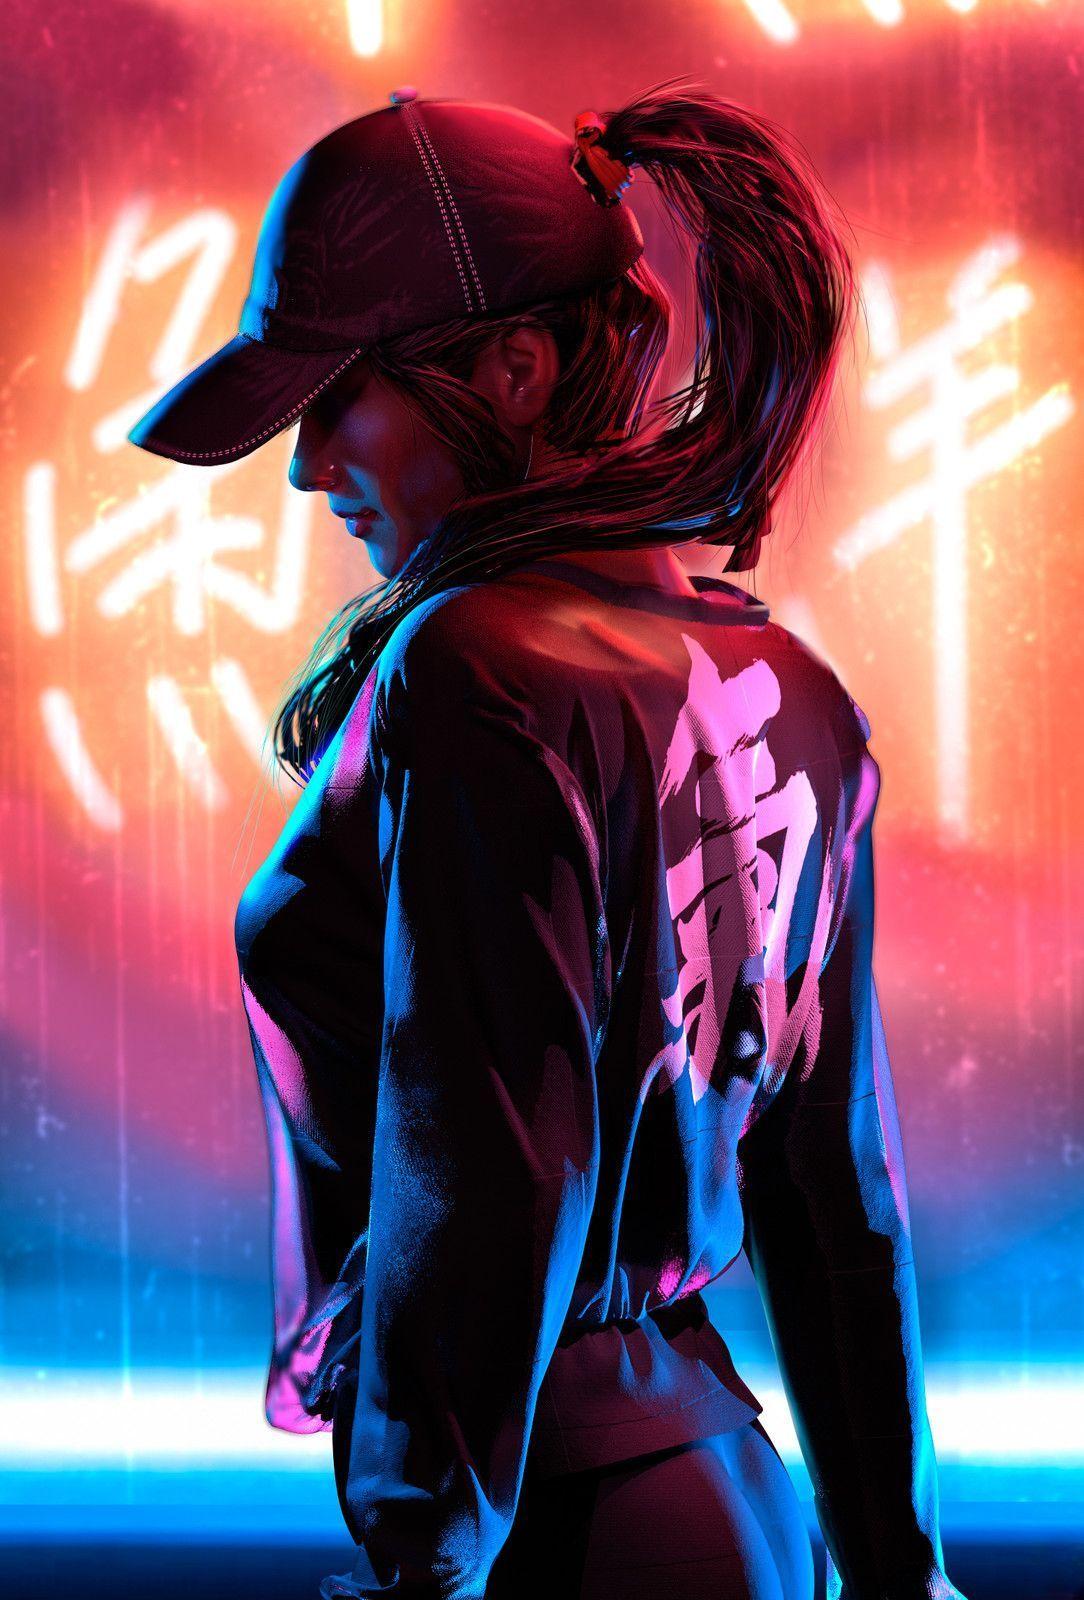 neon anime character lights